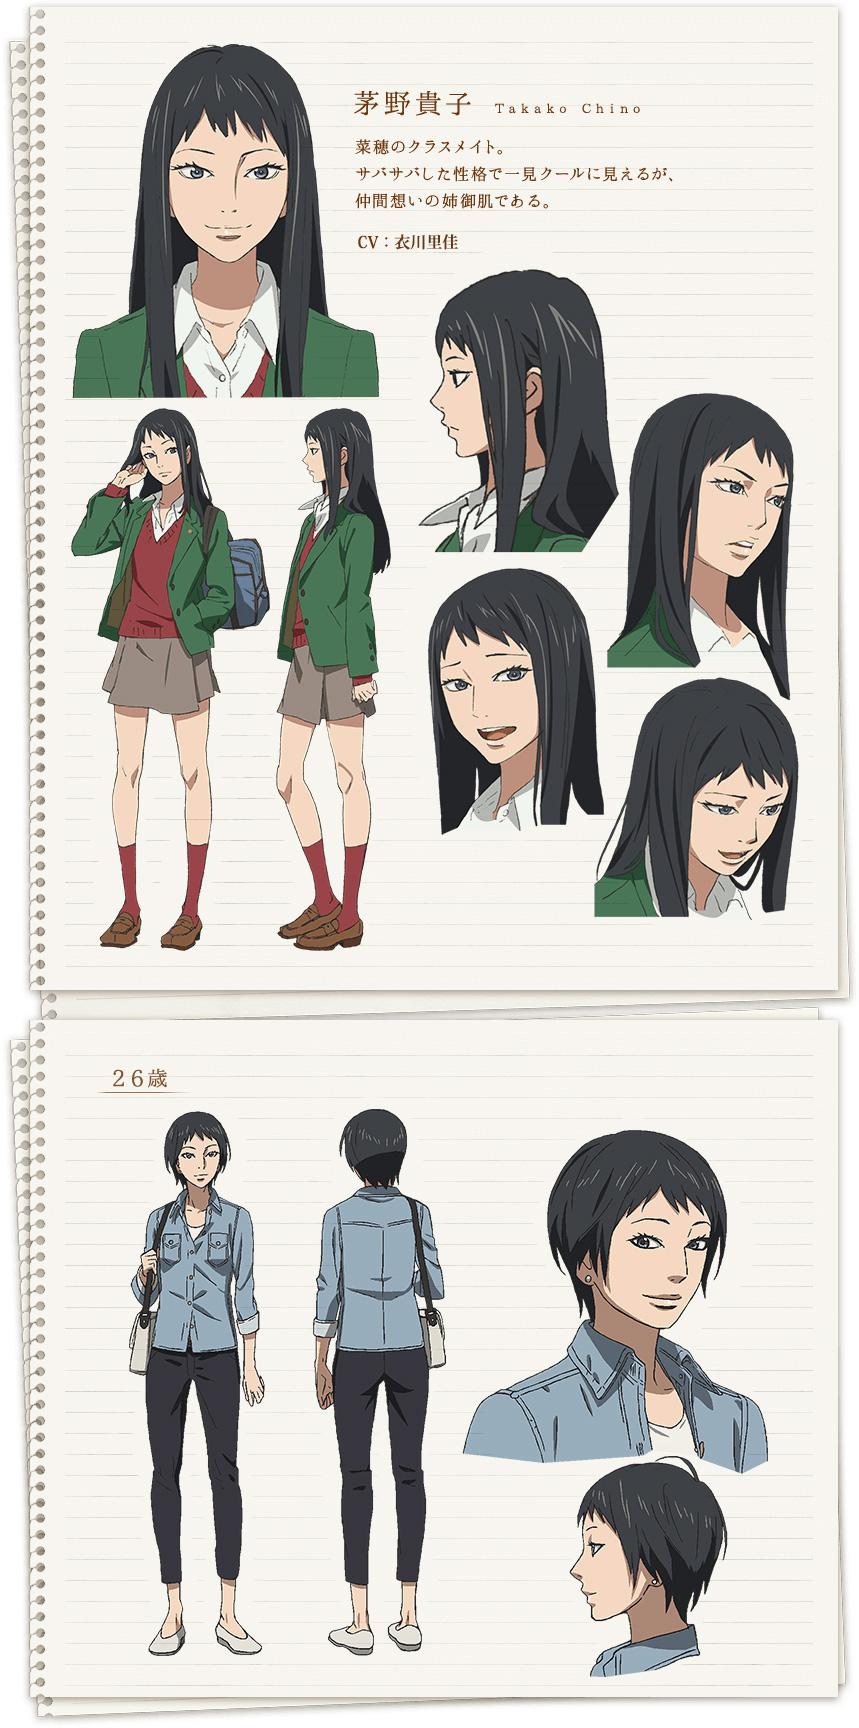 Orange-Anime-Character-Designs-Takako-Chino